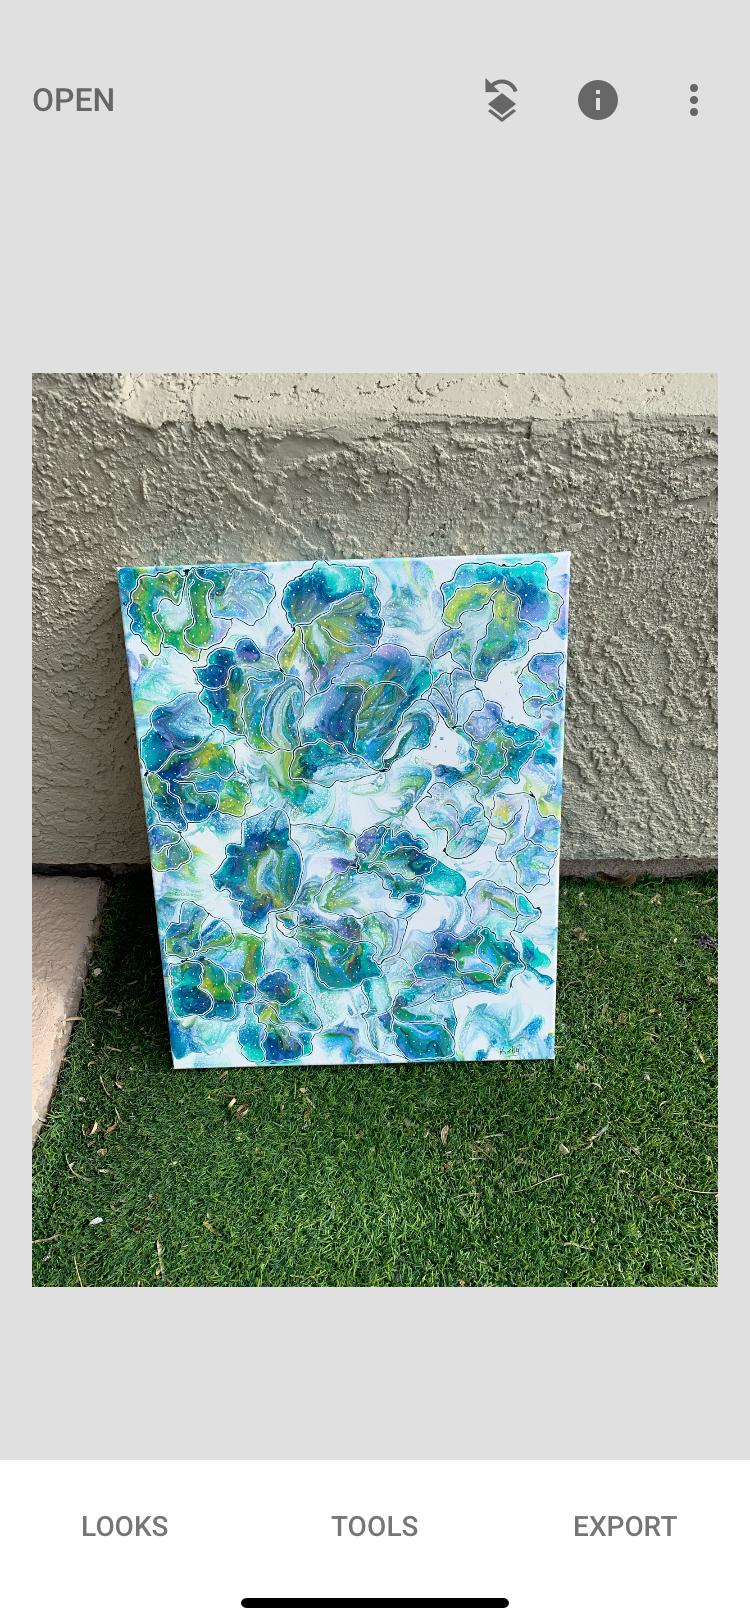 Convergence - fine art pour painting